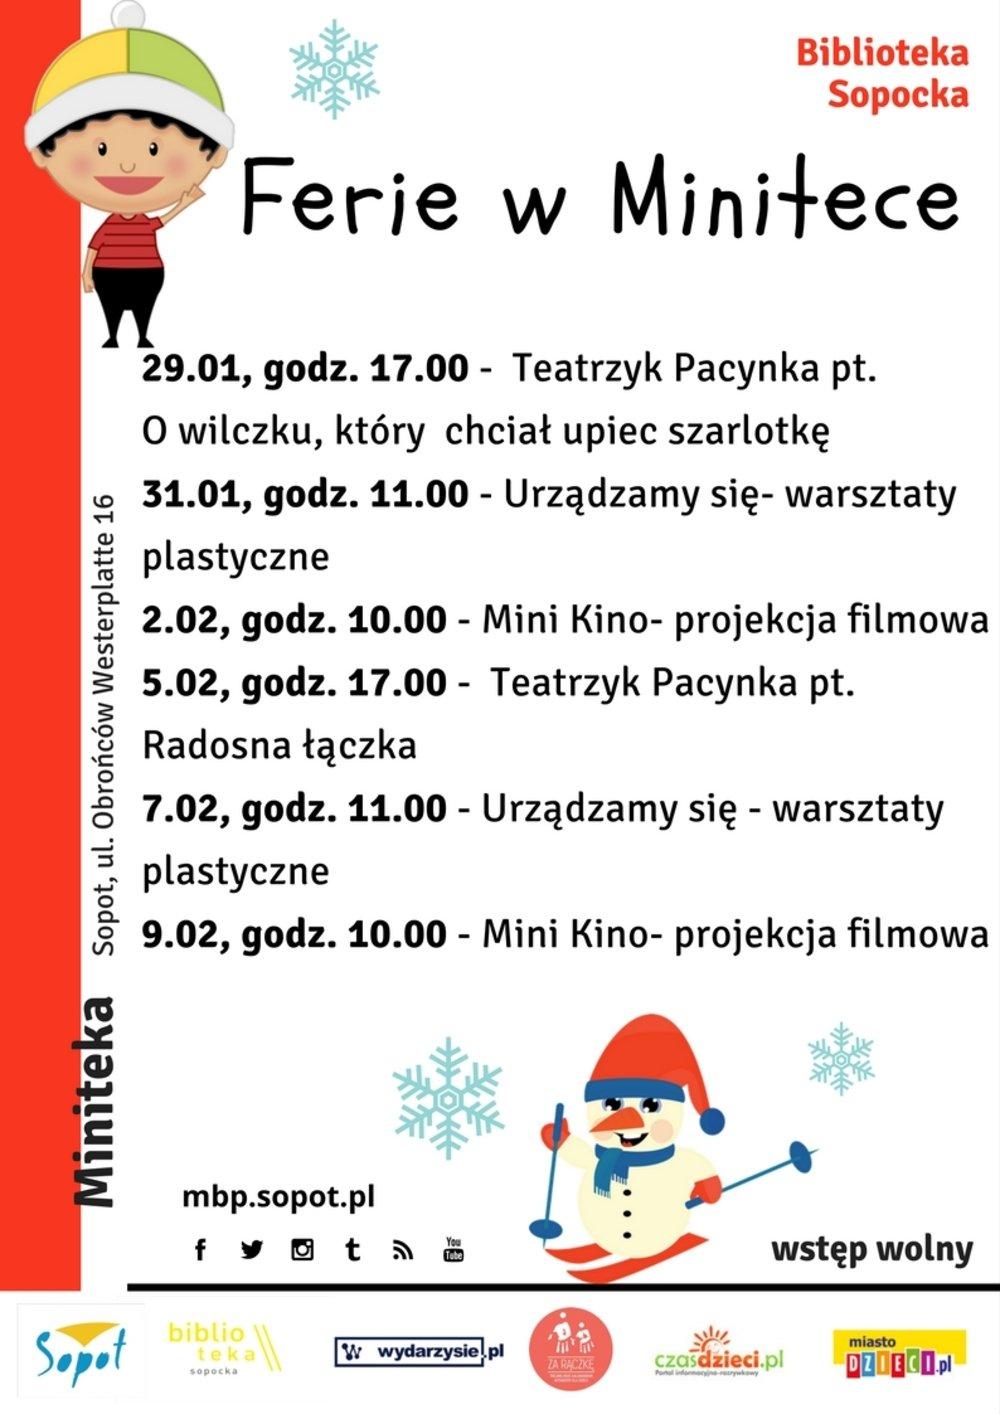 Ferie 2018 w Minitece